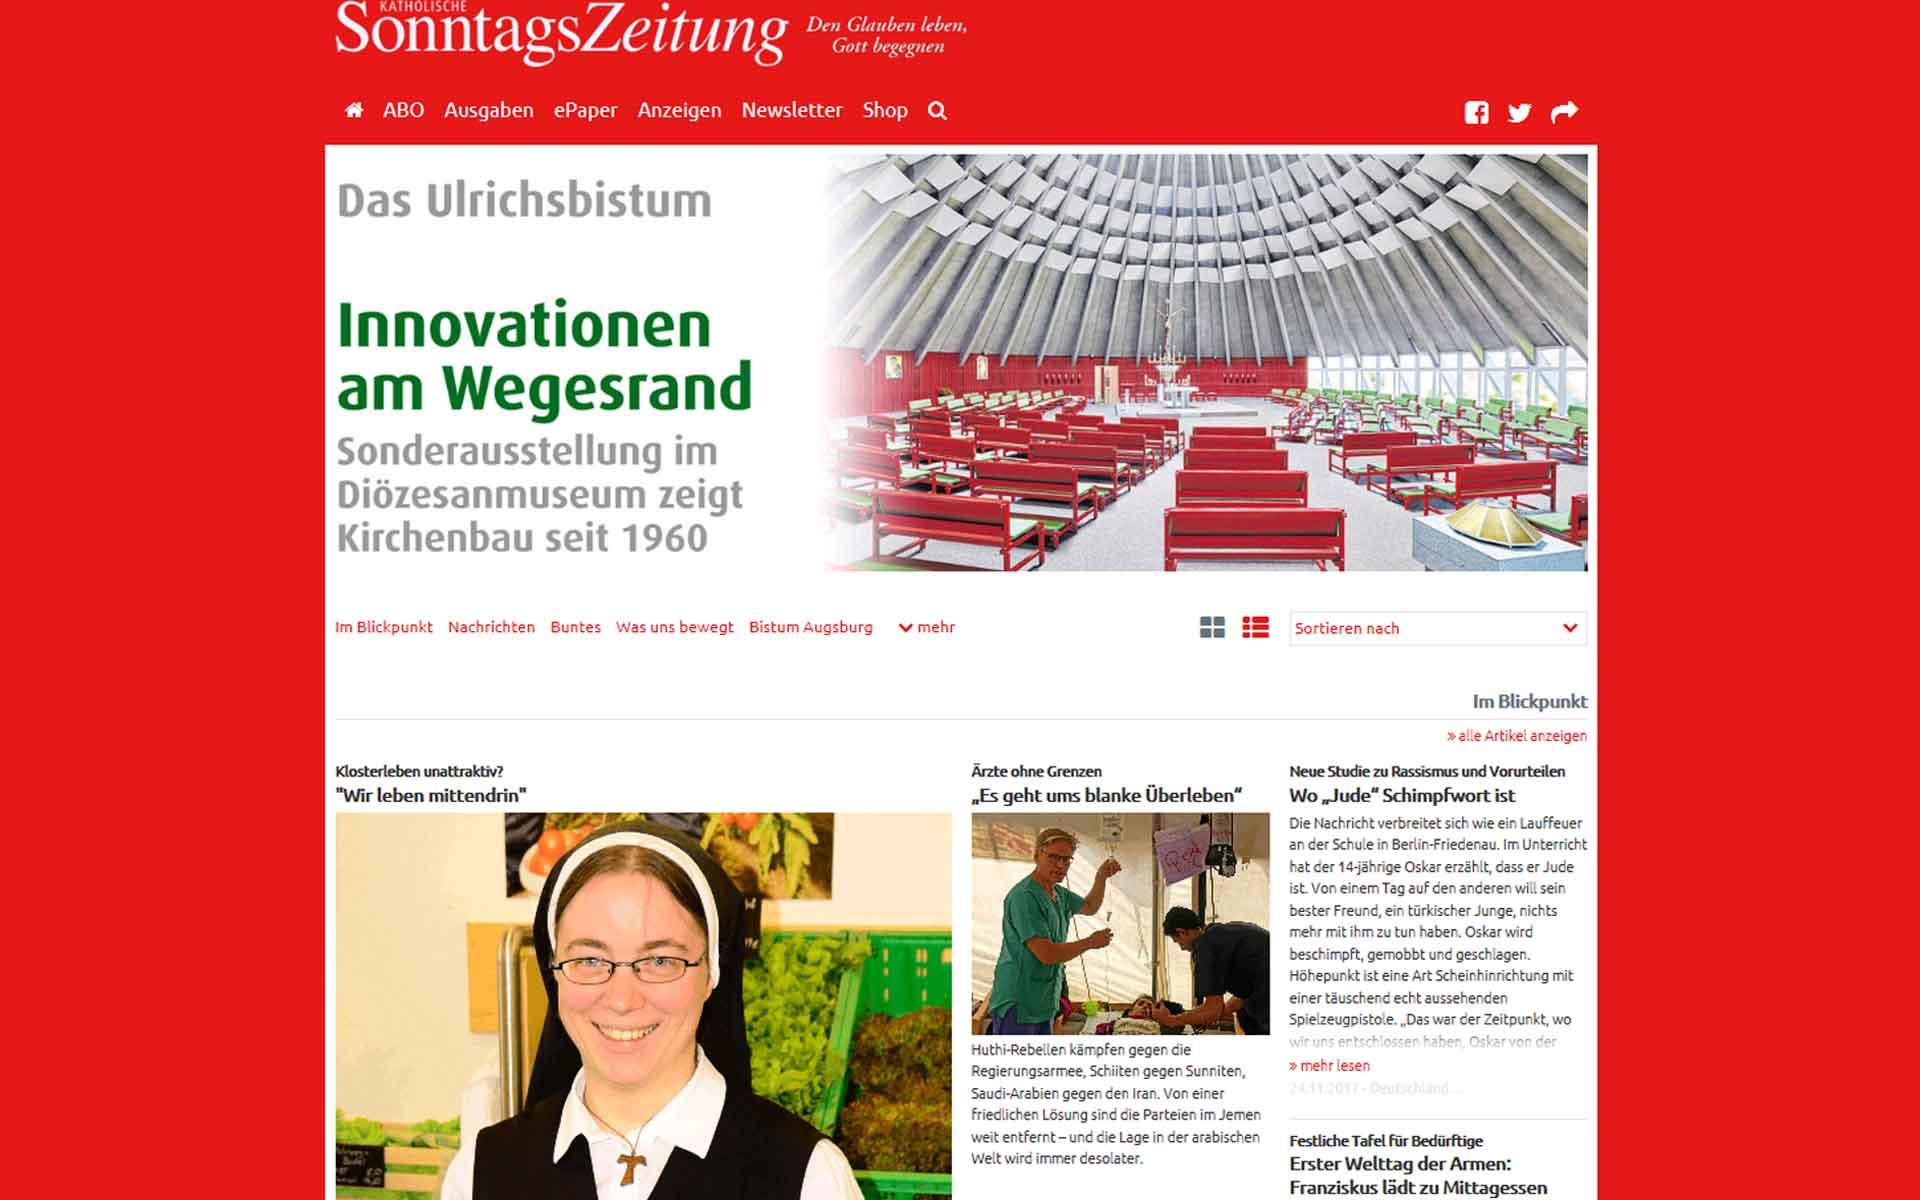 Screenshot von der neugestalteten Seite der Katholischen SonntagsZeitung.